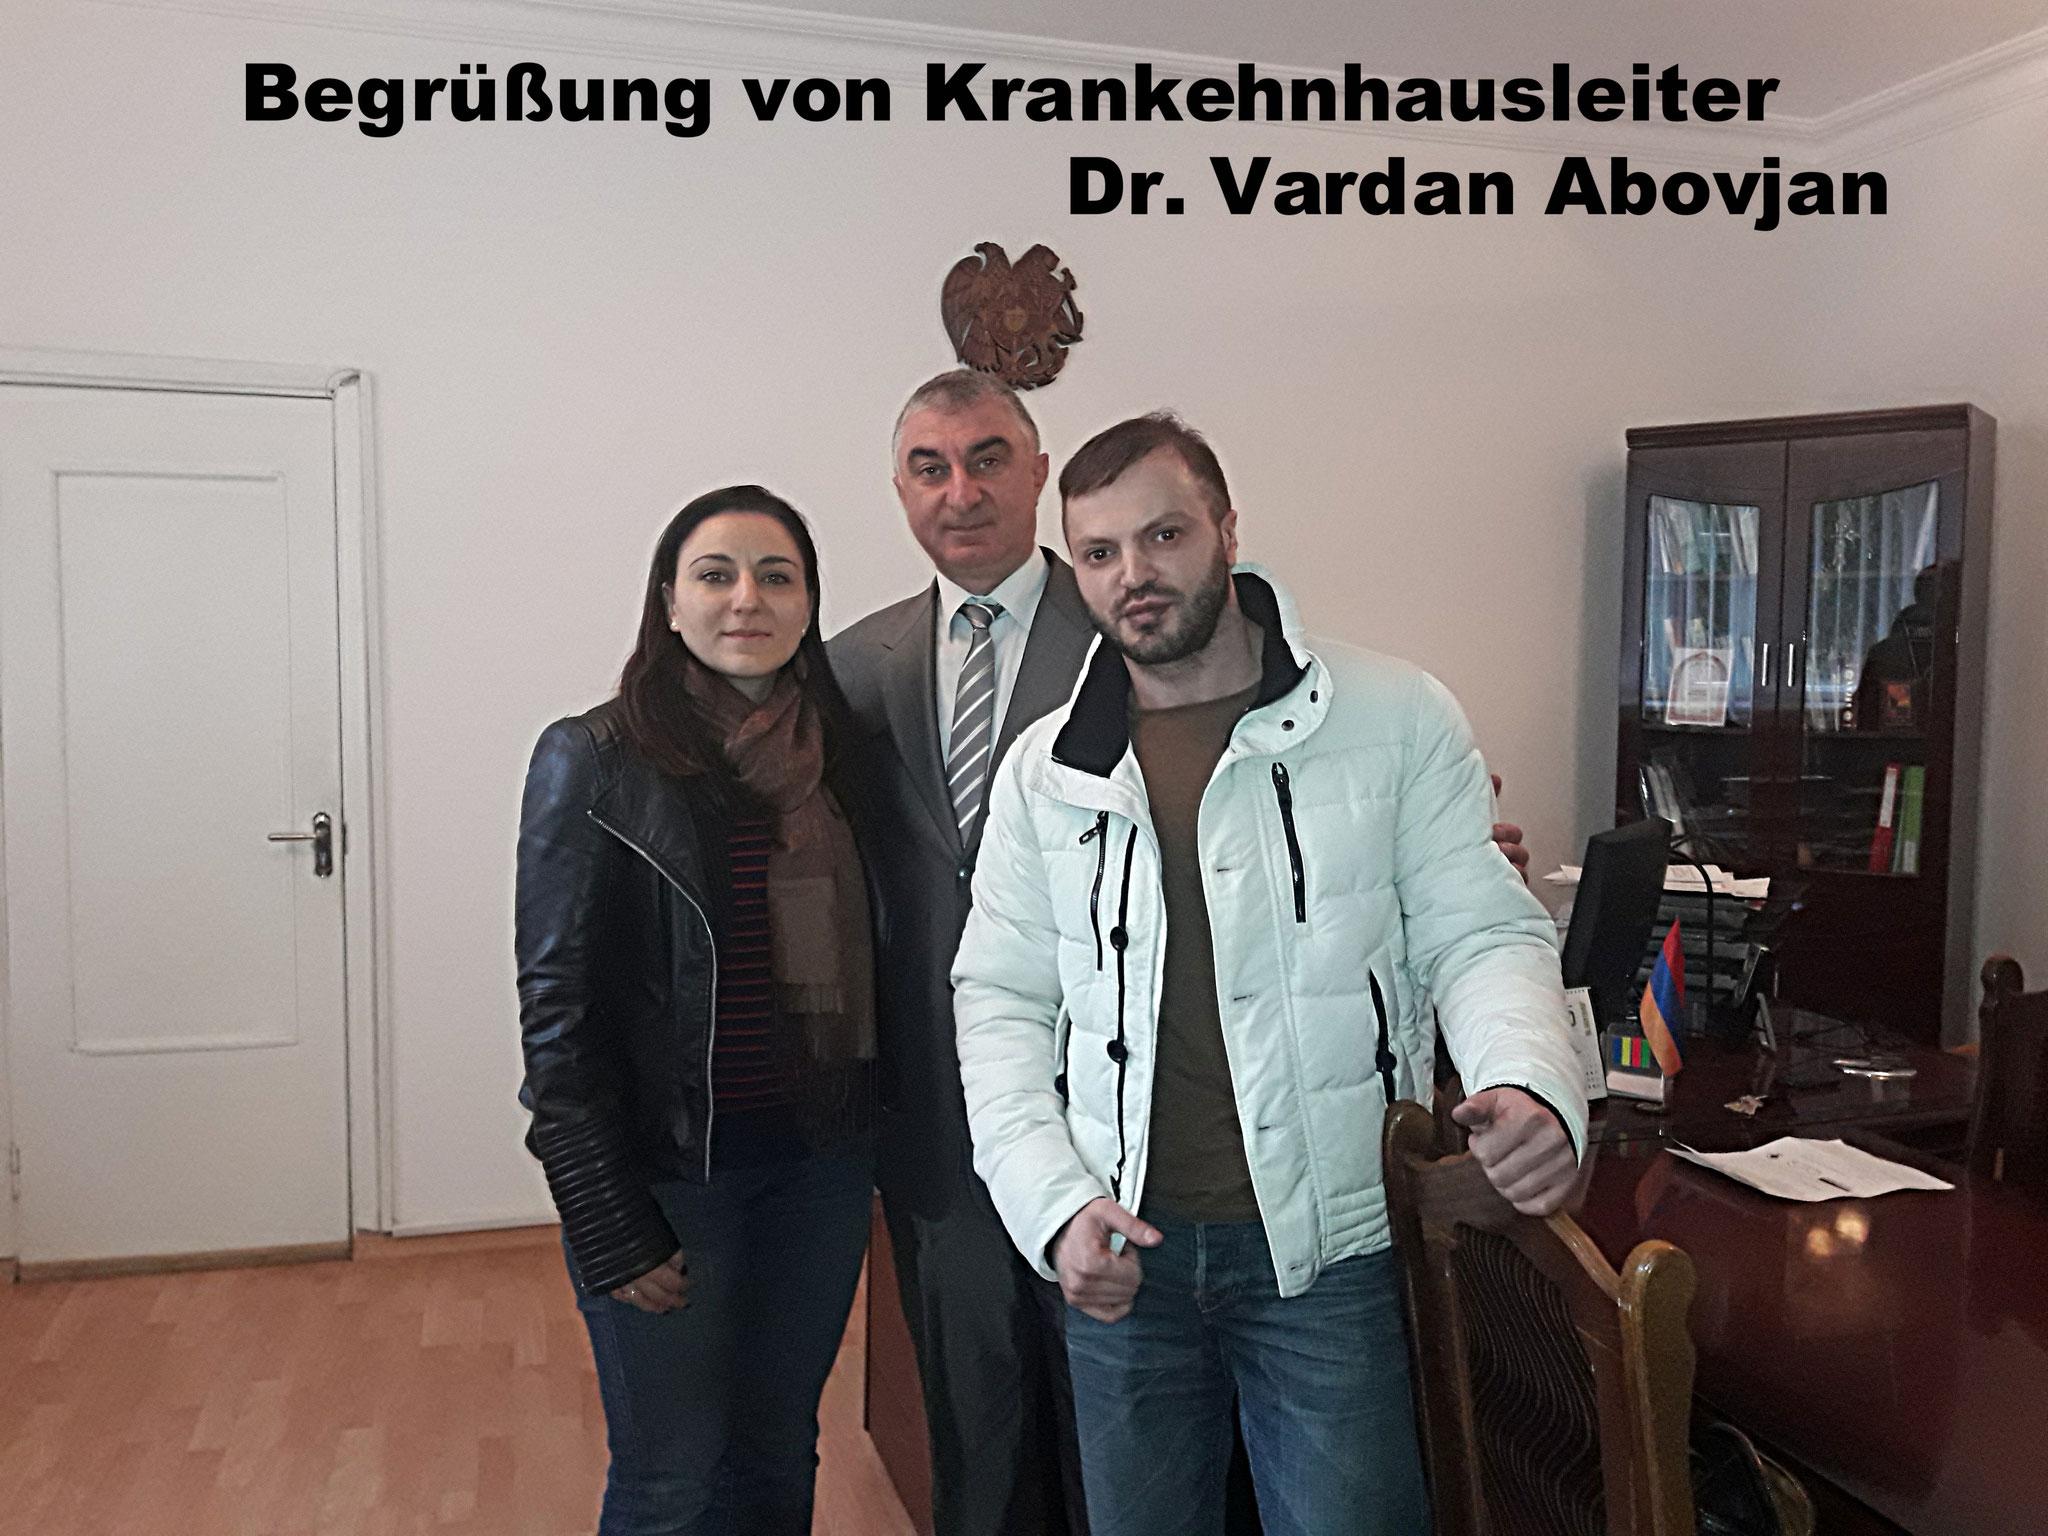 Krankenhausleiter Dr. Vardan Abovjan